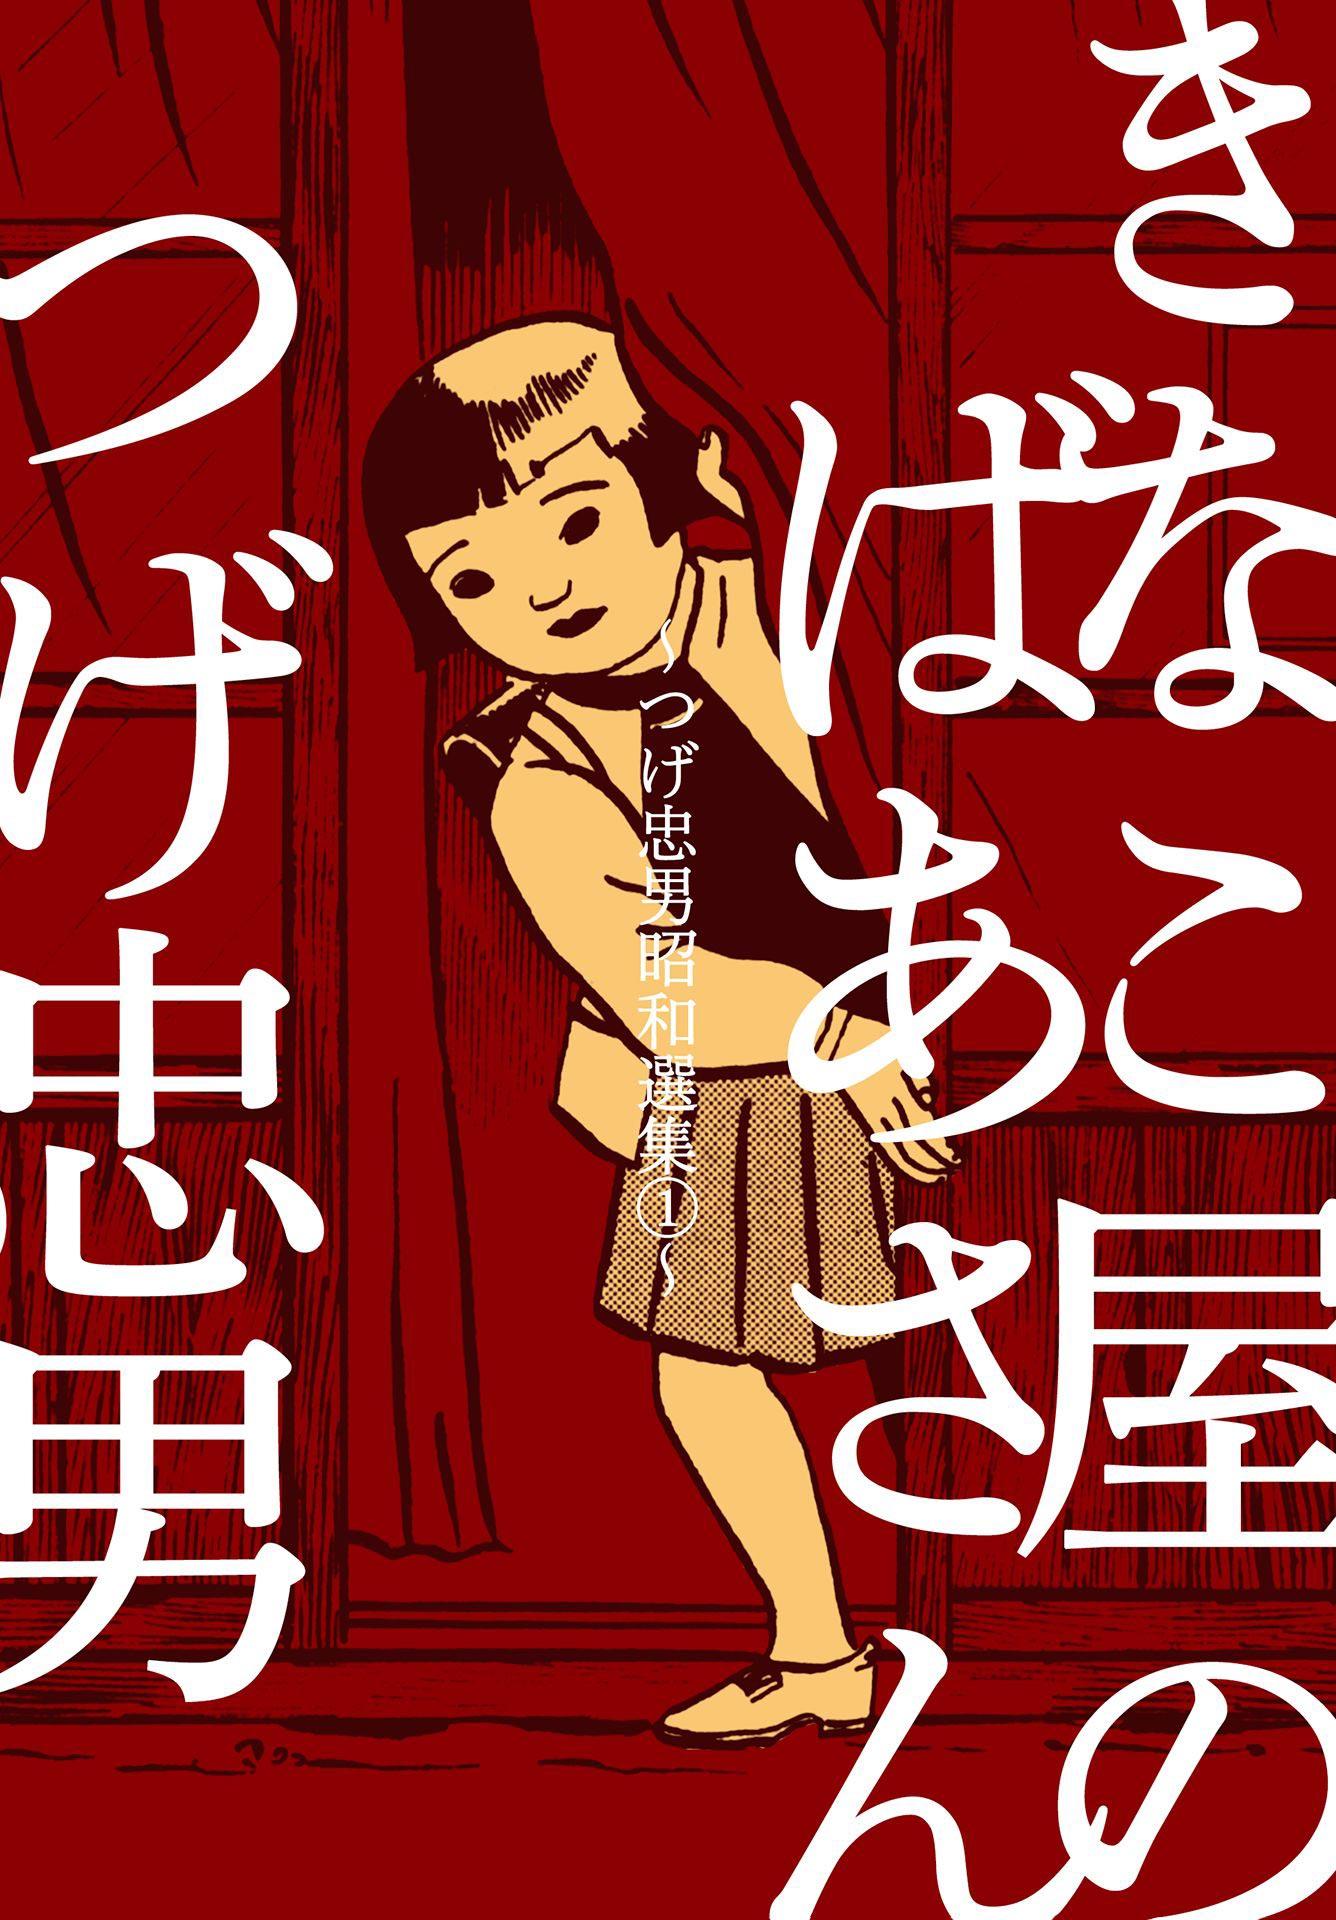 つげ忠男昭和選集(第1巻)